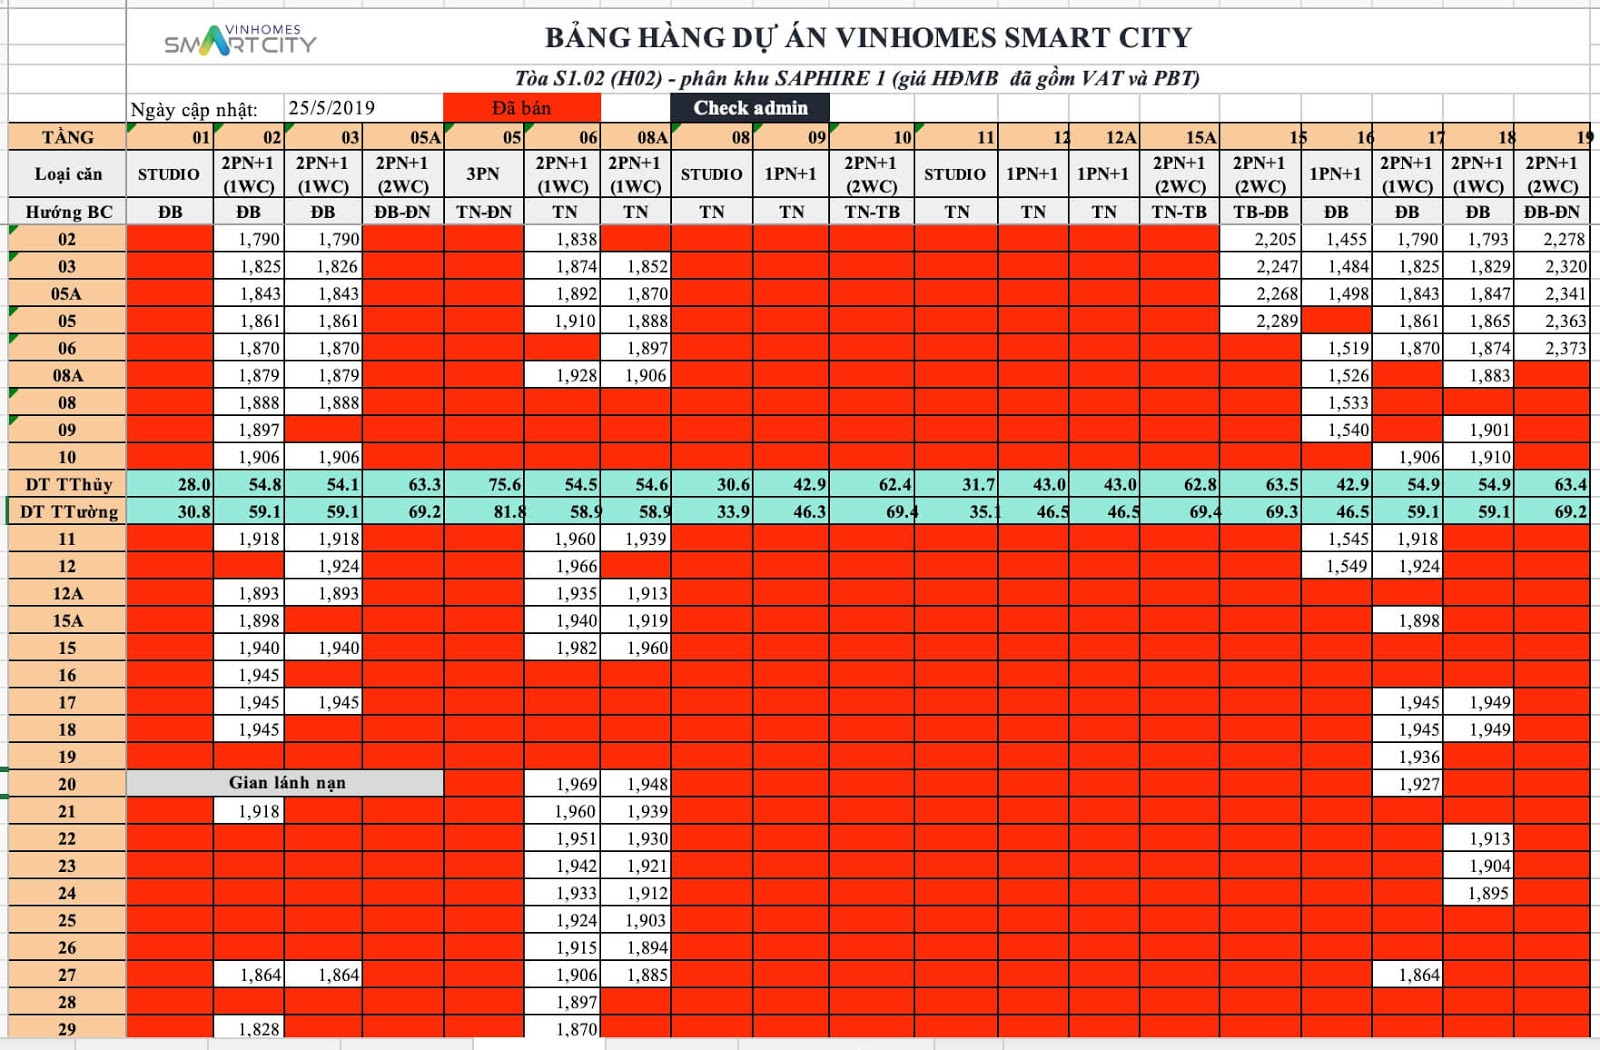 Bảng hàng toà S1-02 dự án Vinhomes Smart City